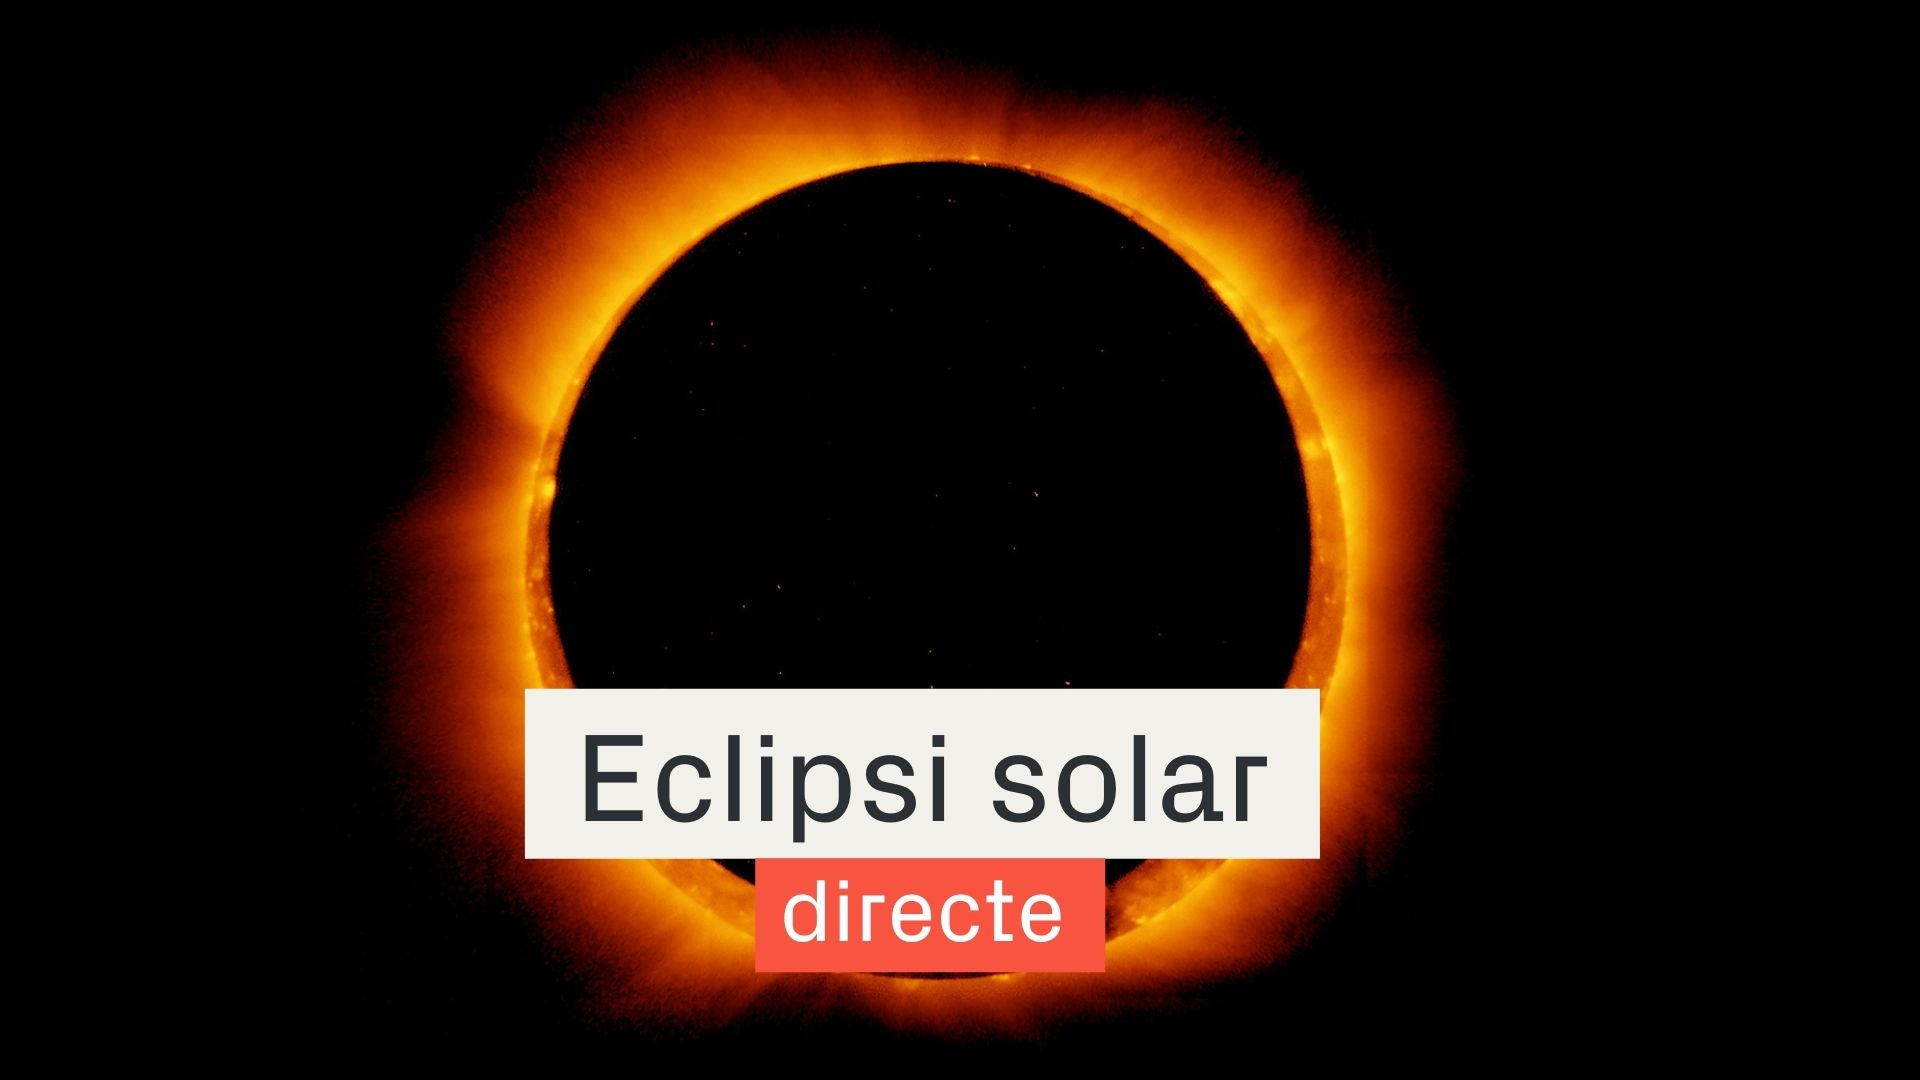 eclipse solar en directo